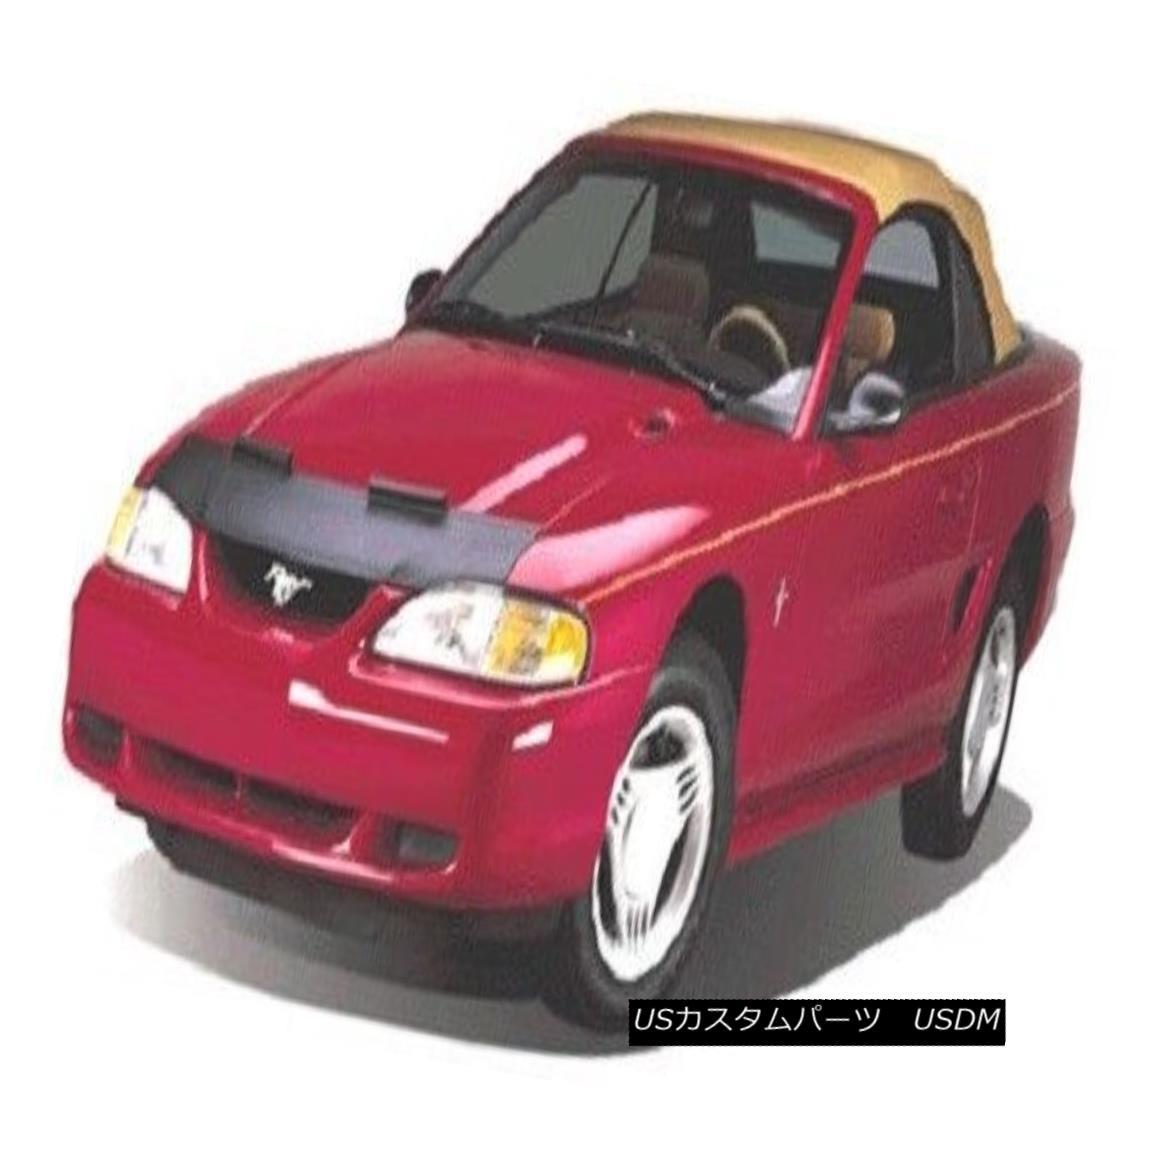 フルブラ ノーズブラ Lebra Hood Protector Mini Mask Bra Fits Oldsmobile Silhouette 2001-2004 01-04 Lebraフードプロテクターミニマスクブラは、Oldsmobileのシルエットにフィット2001-2004 01-04